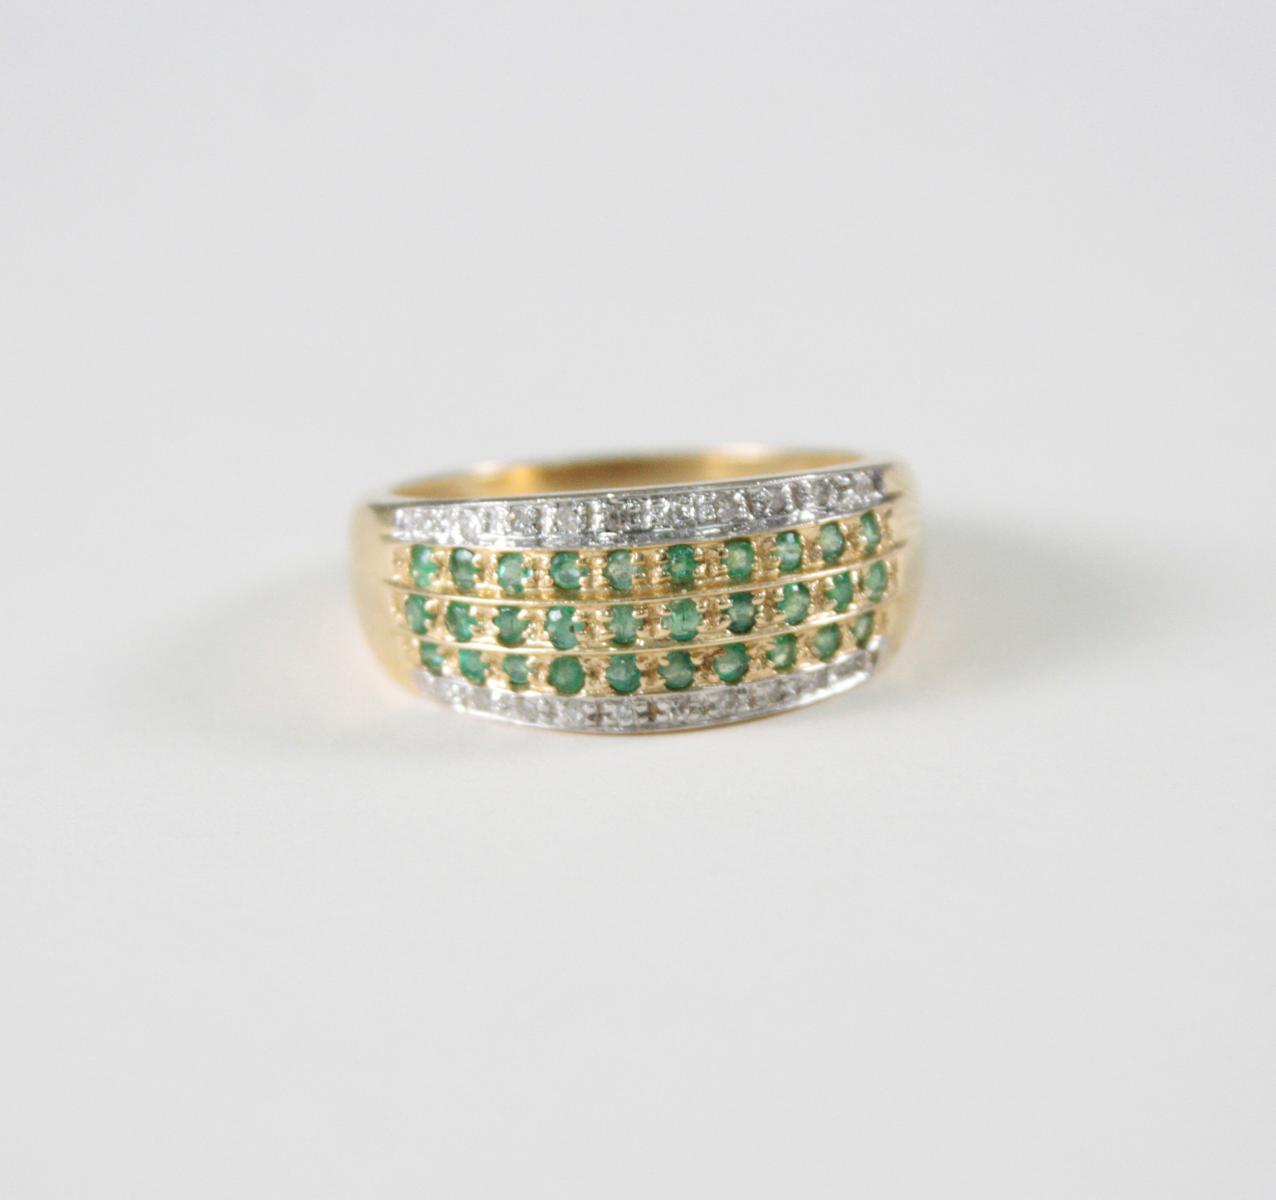 Damenring mit Smaragden und Diamanten, 14 Karat Gelbgold